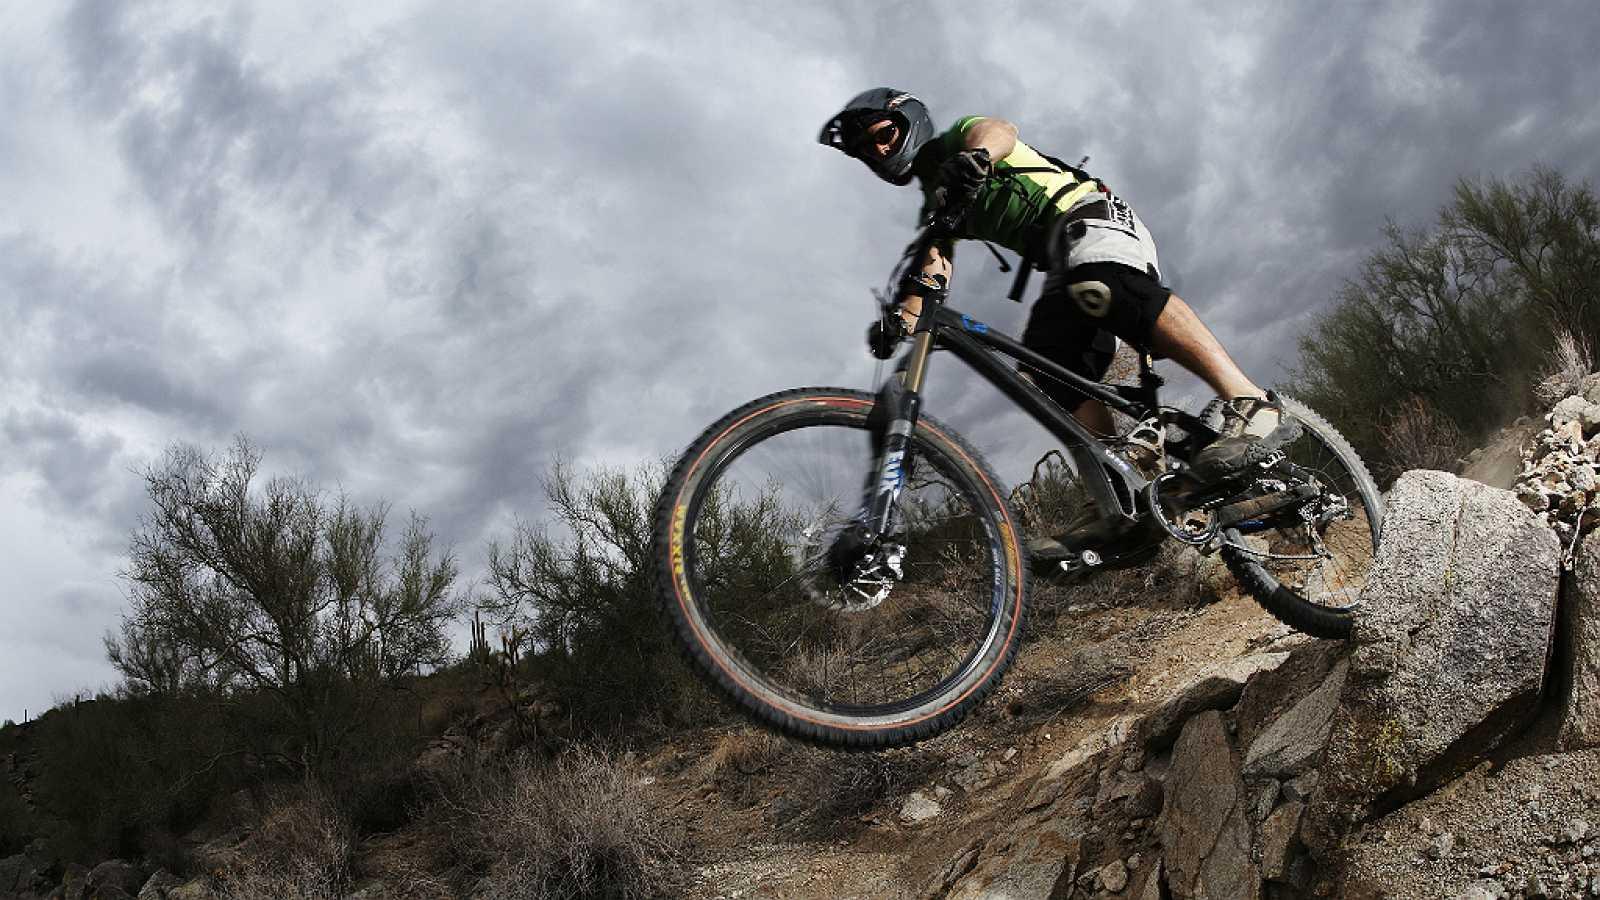 España vuelta y vuelta - La bicicleta como medio de trasporte y de ocio - 24/07/17 - Escuchar ahora